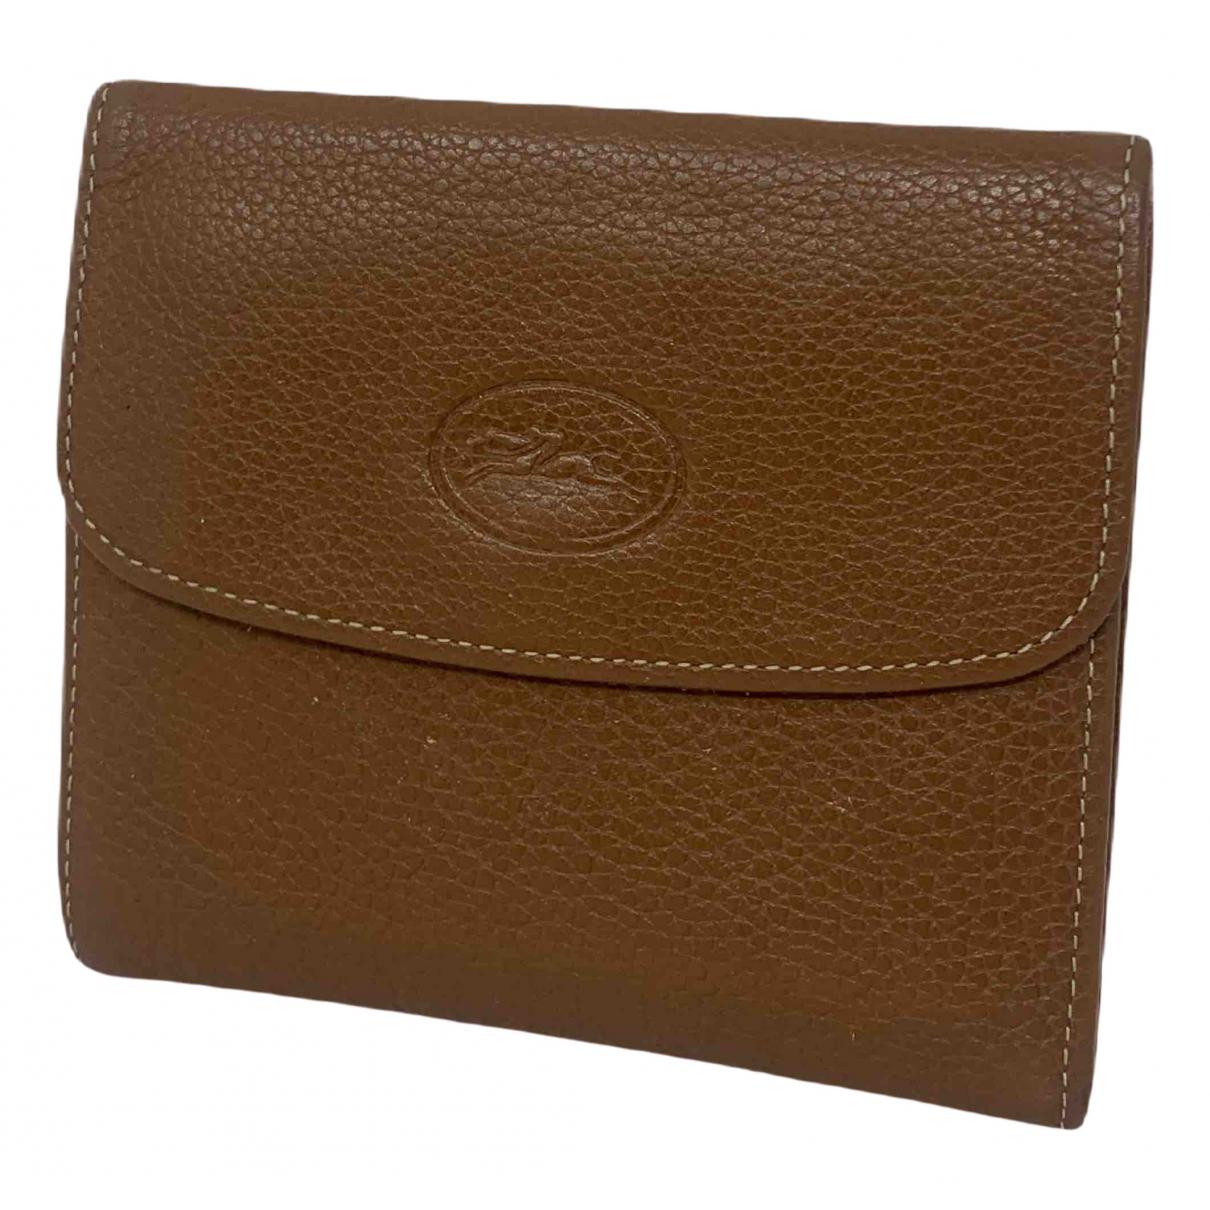 Longchamp - Portefeuille   pour femme en cuir - marron